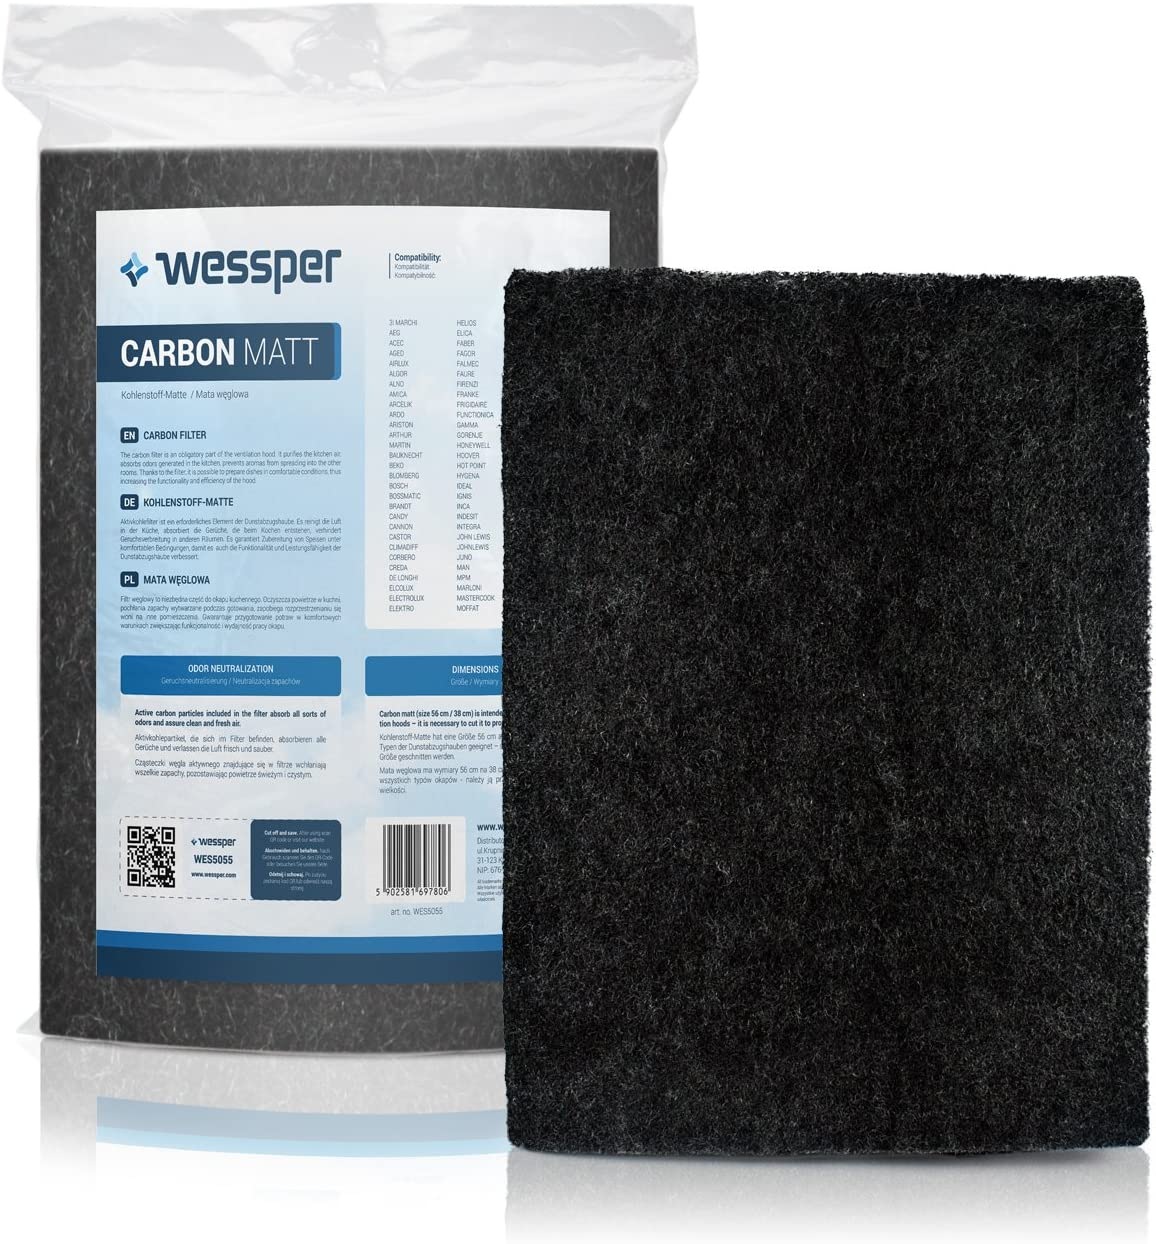 WESSPER® Campana extractora filtro para Teka TL.1-62 (Estera filtrante, carbón): Amazon.es: Grandes electrodomésticos